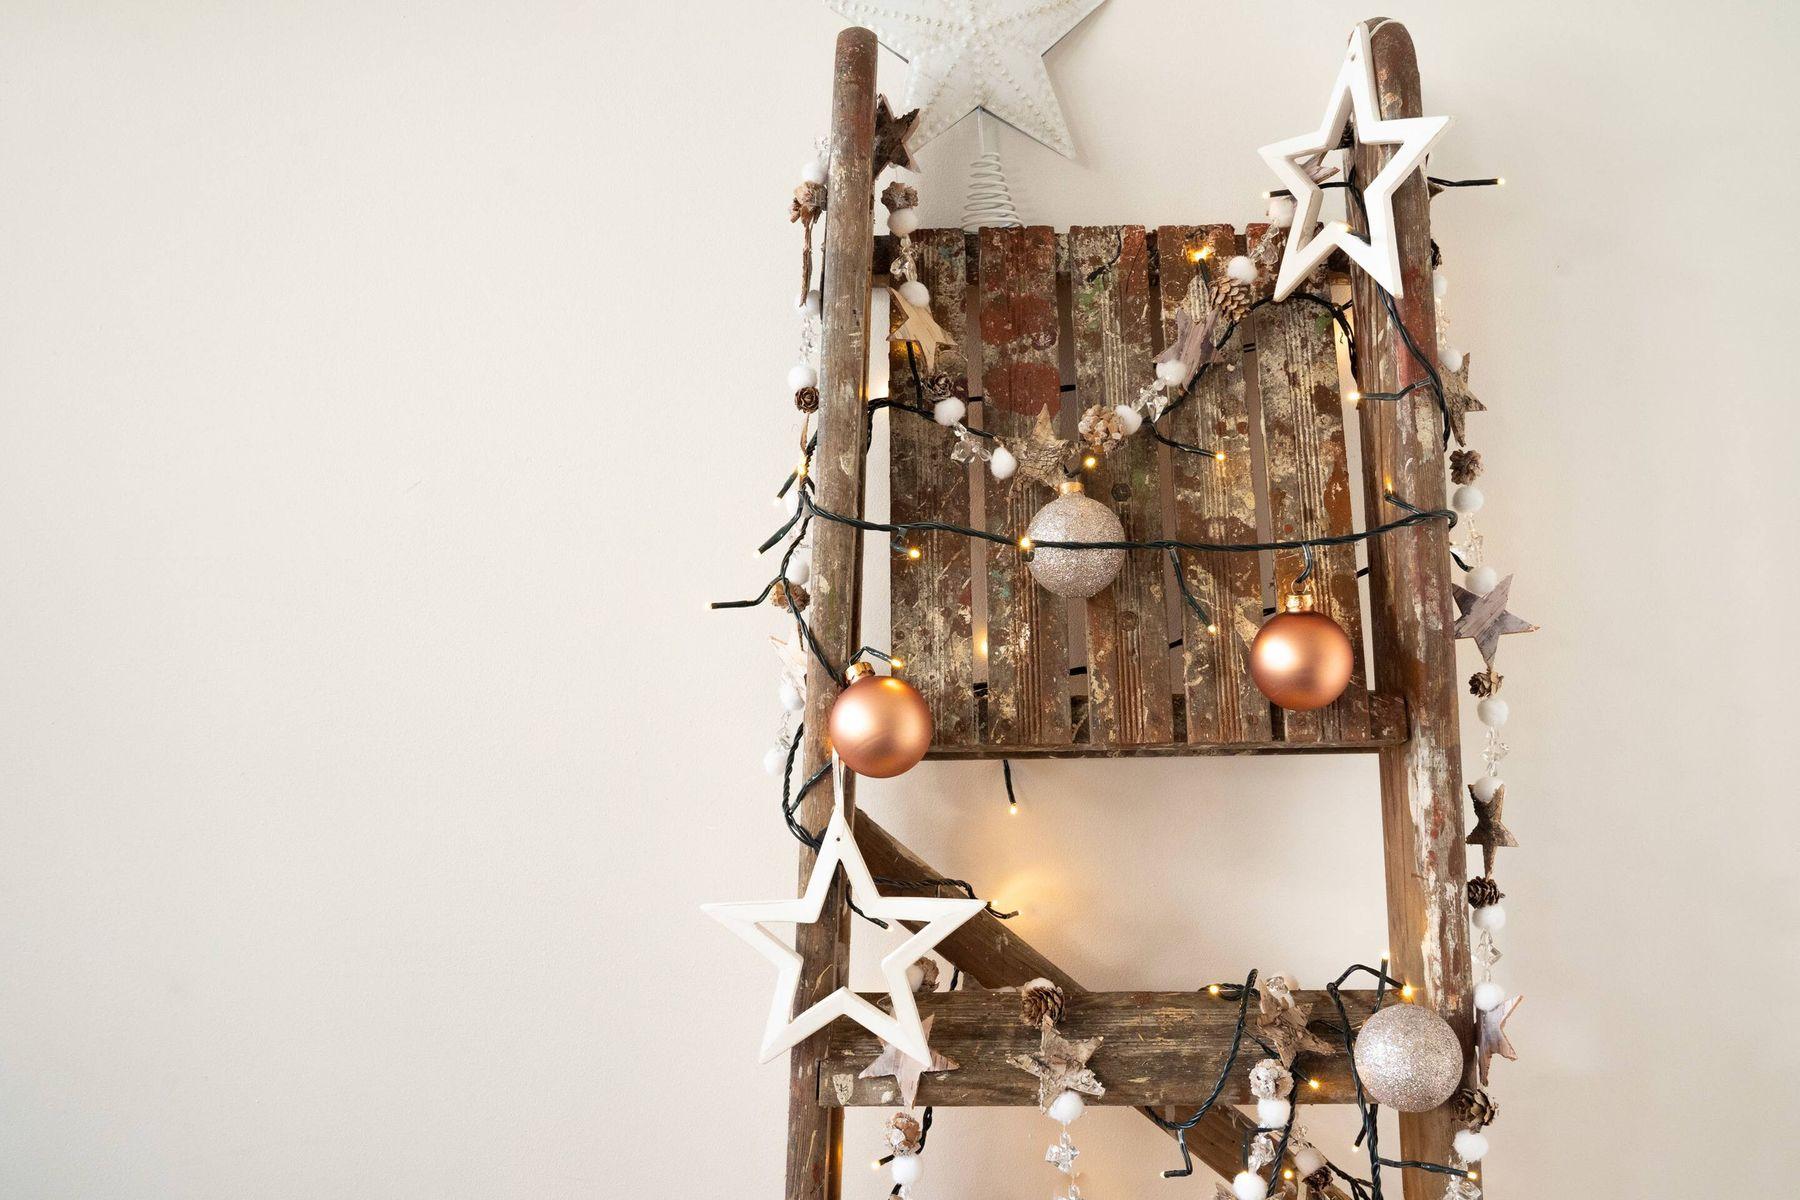 houten ladder versierd met kerstversieringen